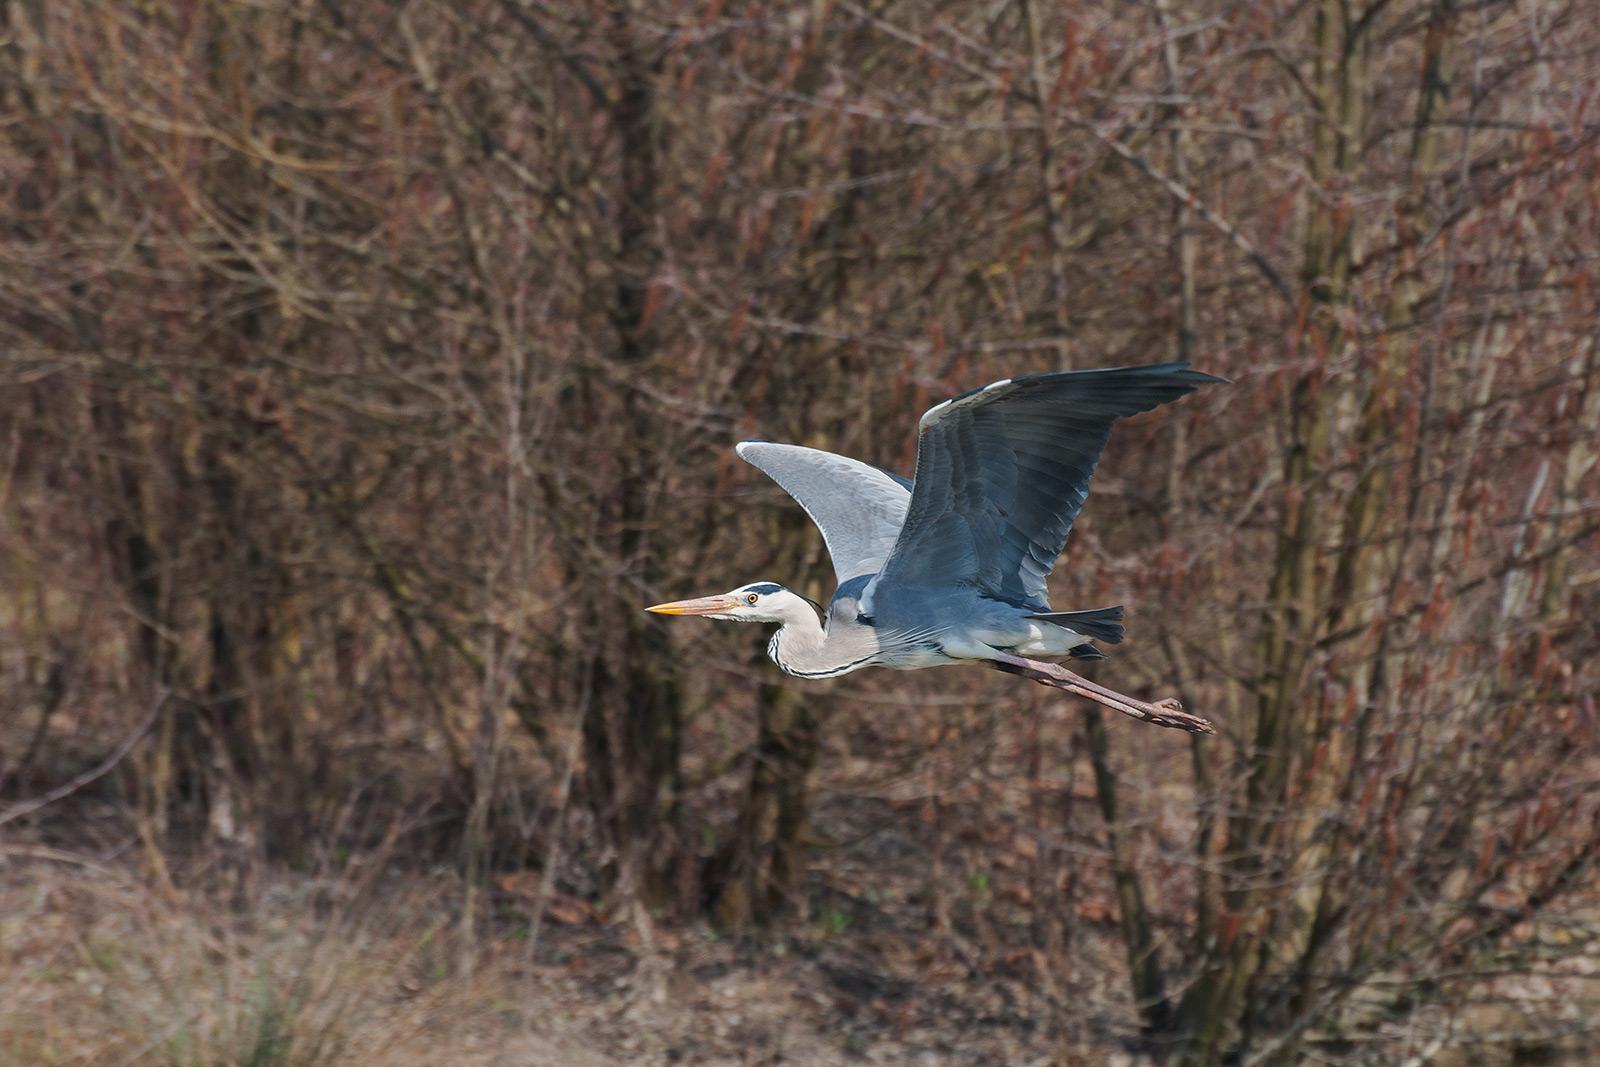 Heron in flight...